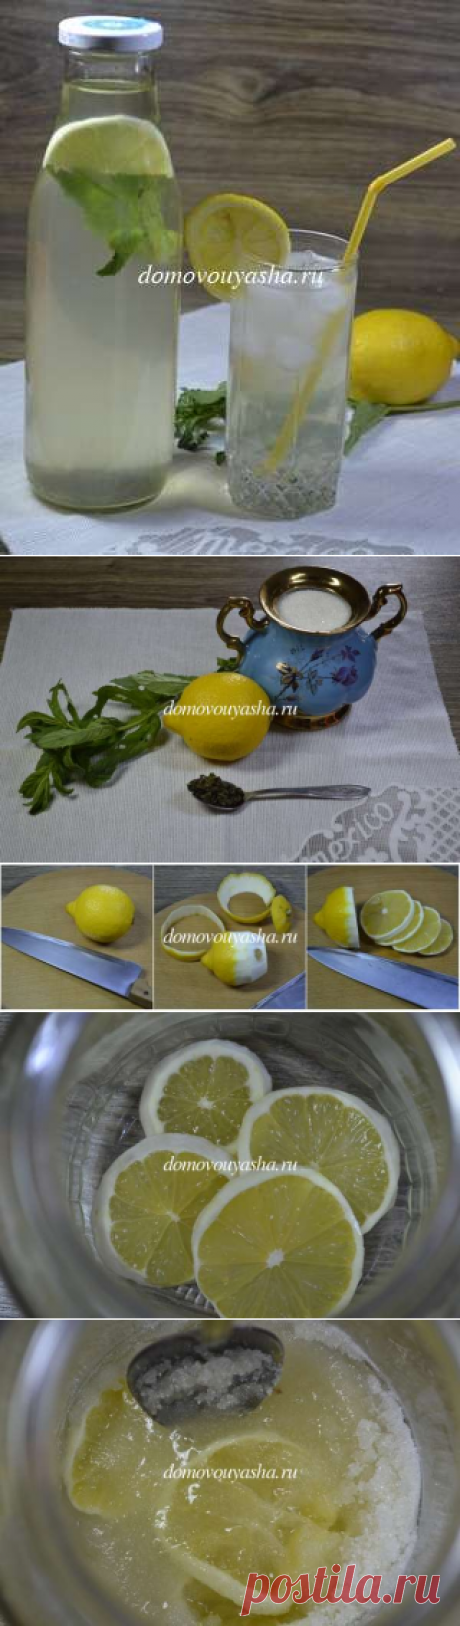 Рецепт домашнего лимонада из лимона и мяты.